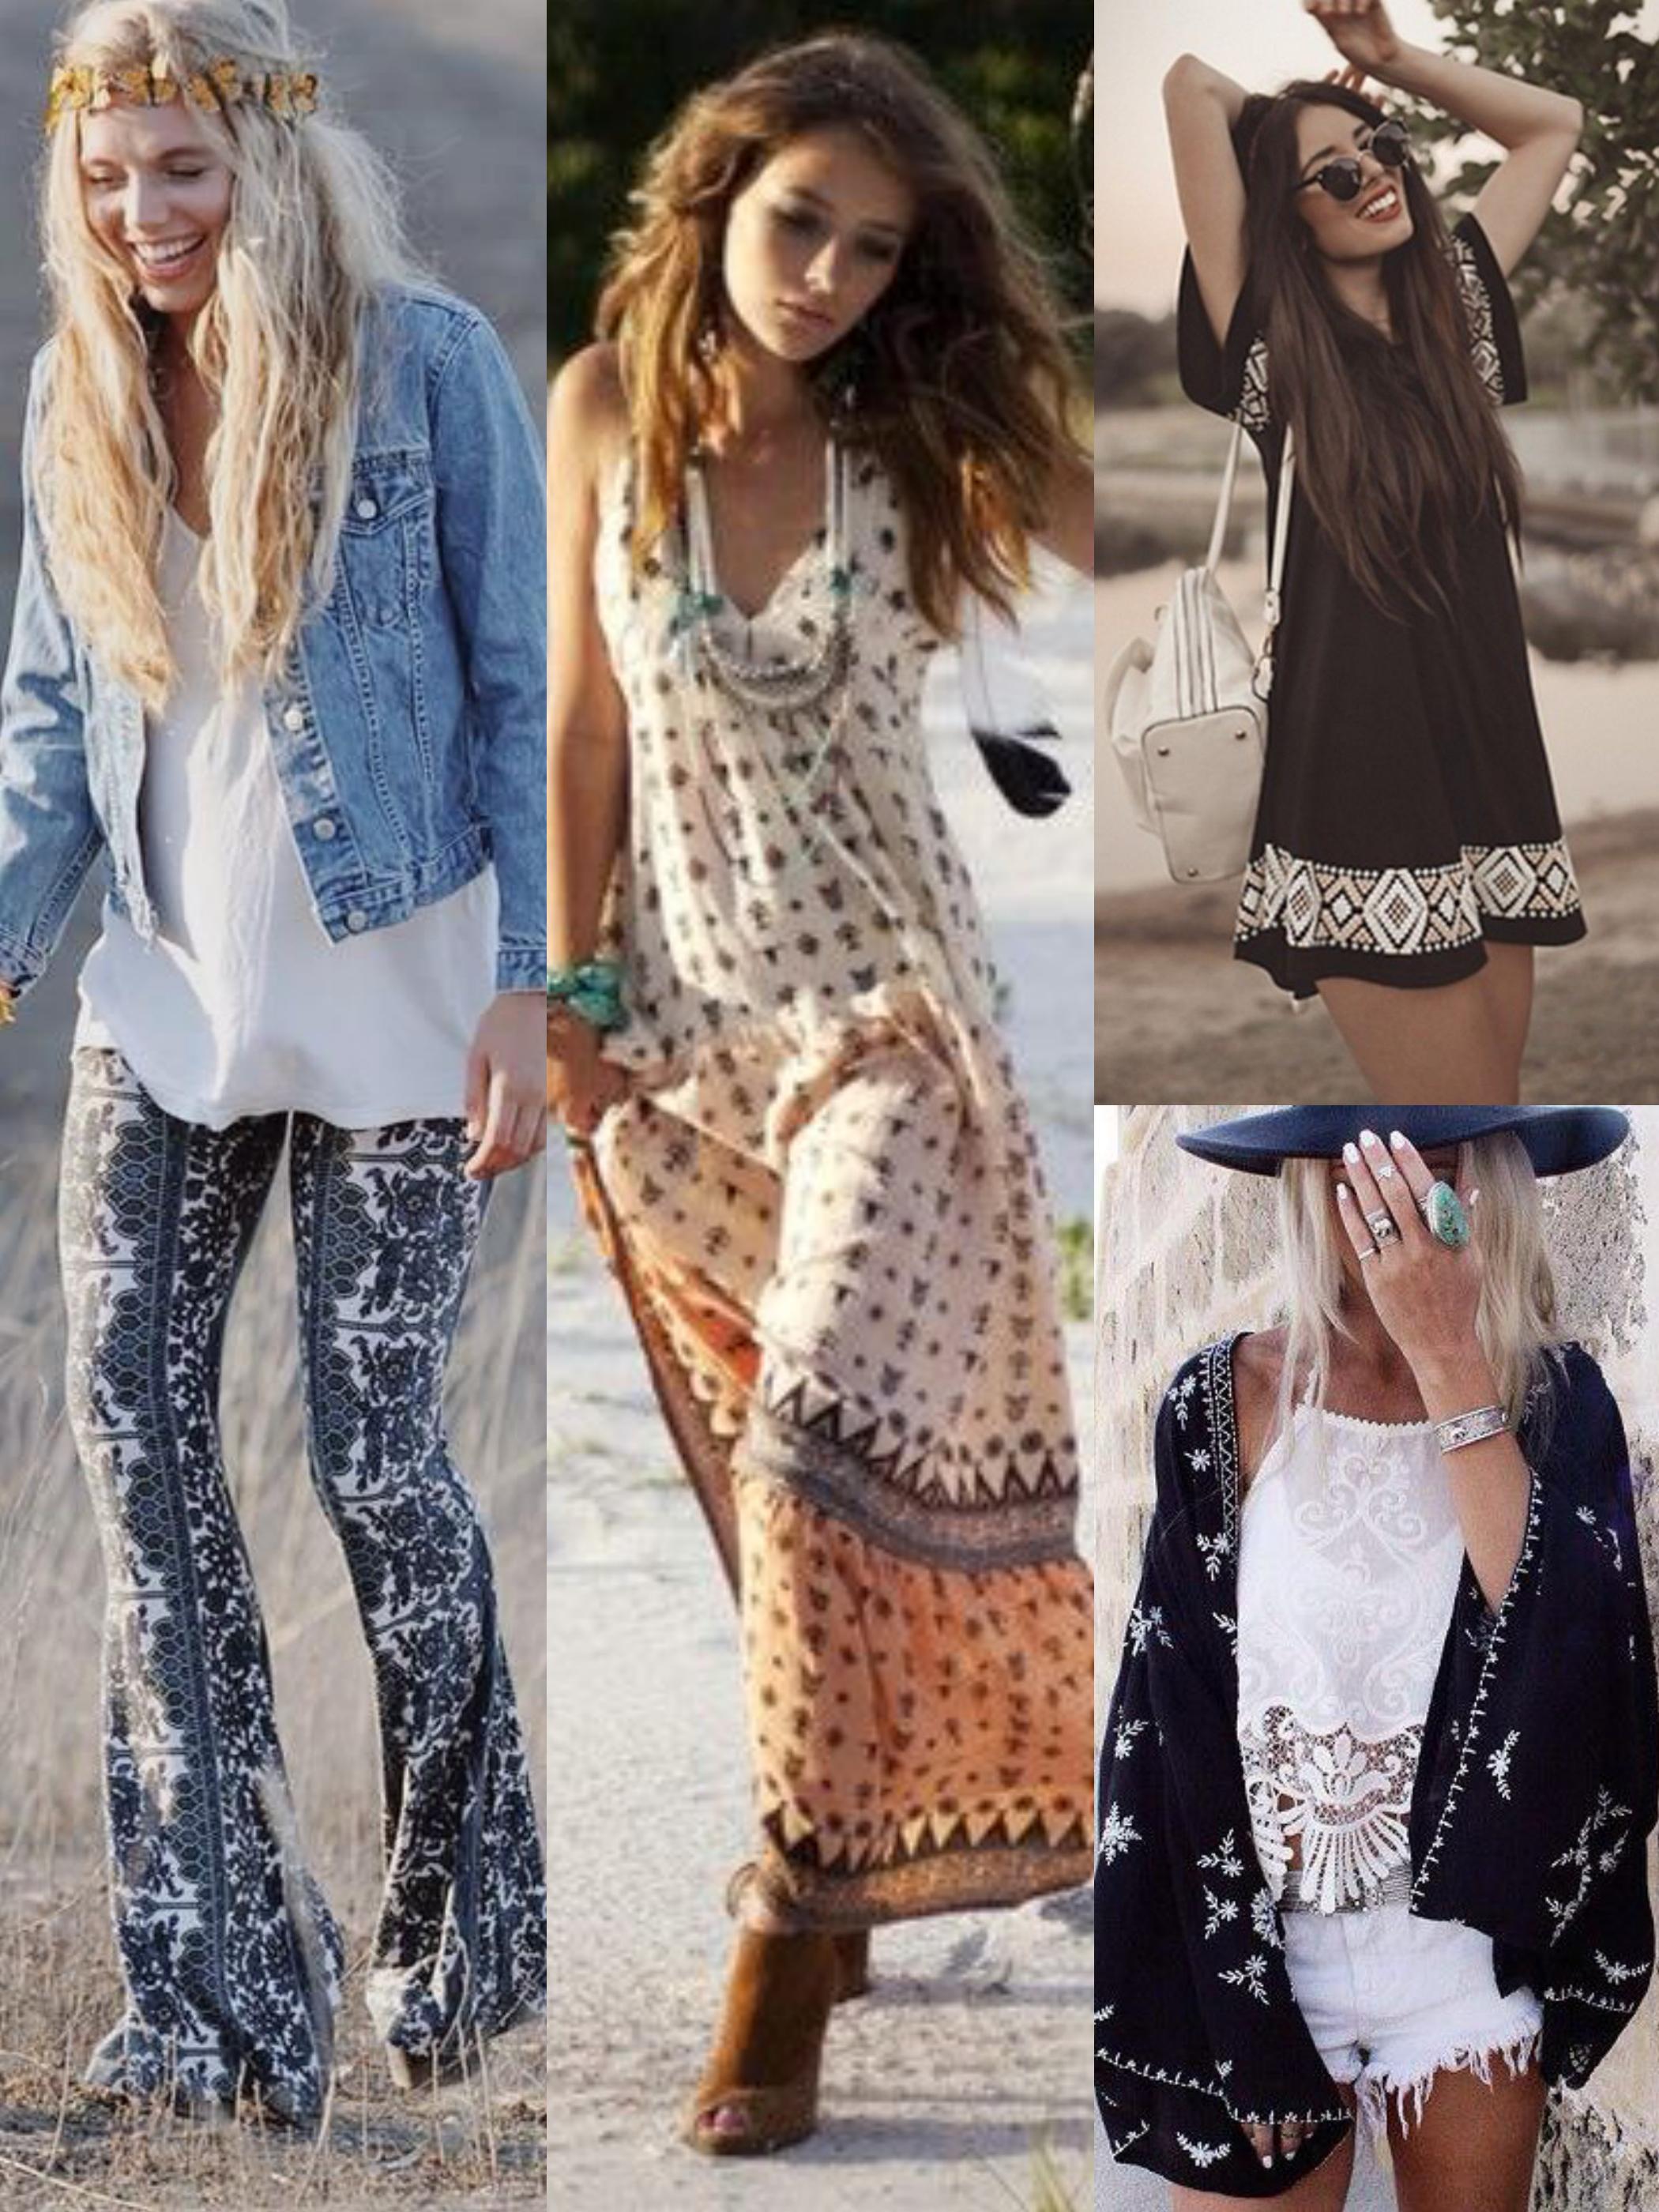 Emejing Hippie Chic Style Photos - Joshkrajcik.us - joshkrajcik.us